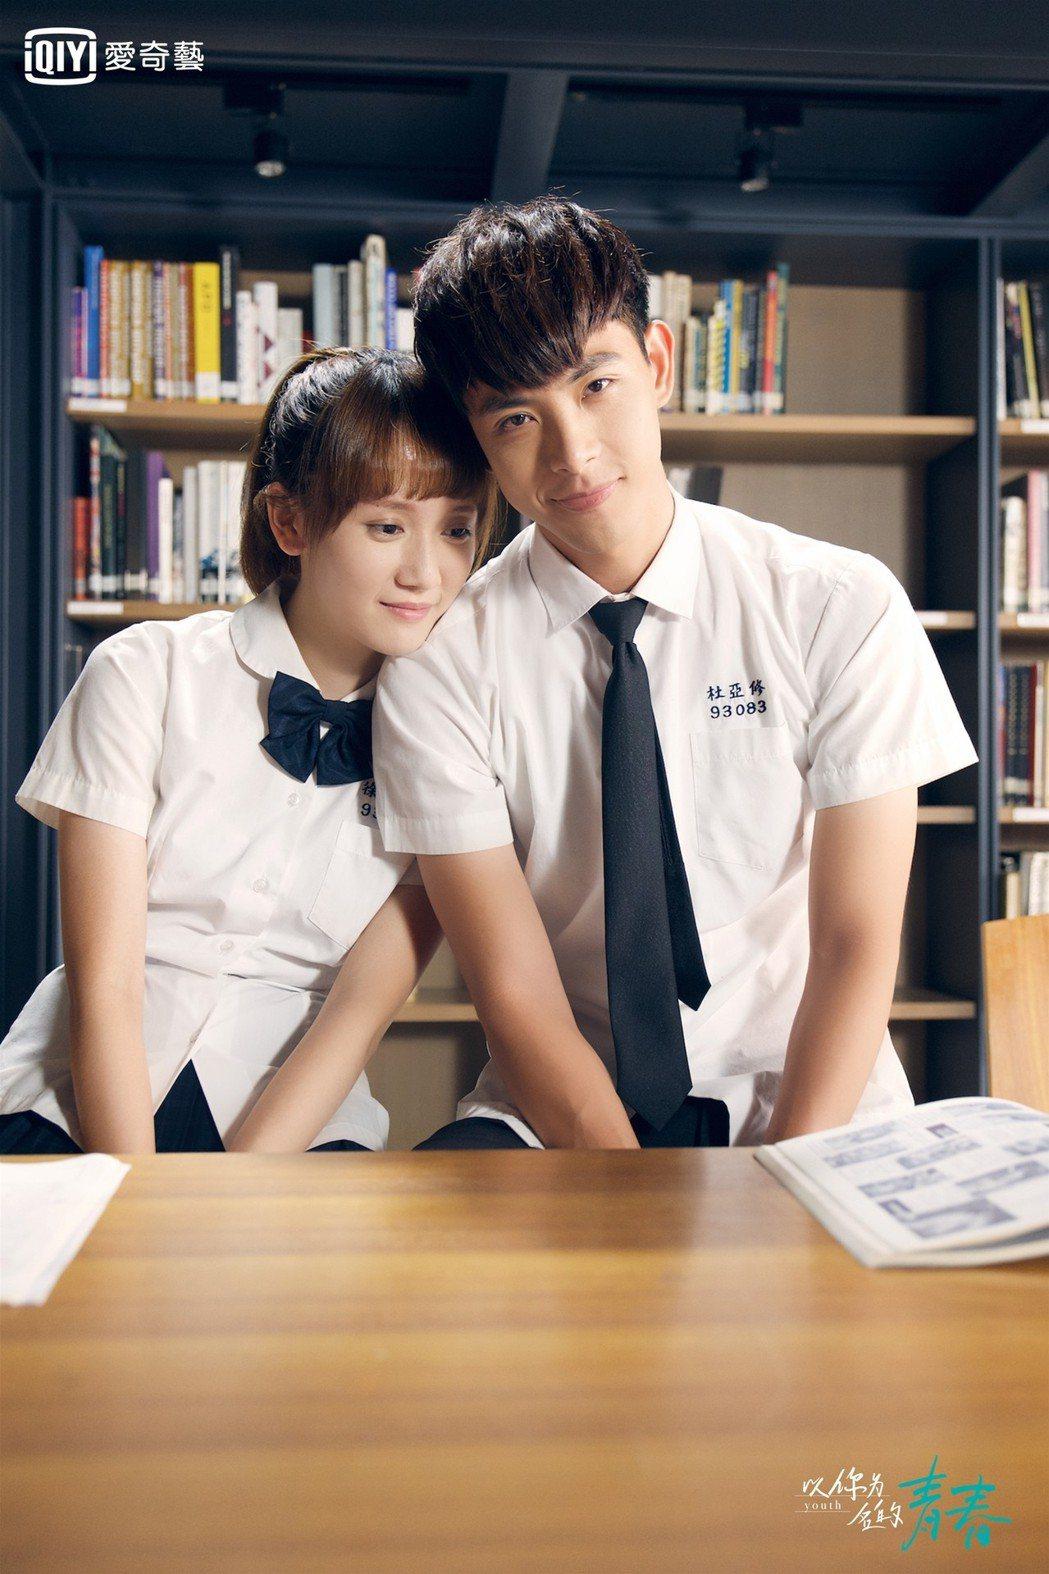 連晨翔(右)與李墨之上演青澀戀愛。圖/愛奇藝台灣站提供